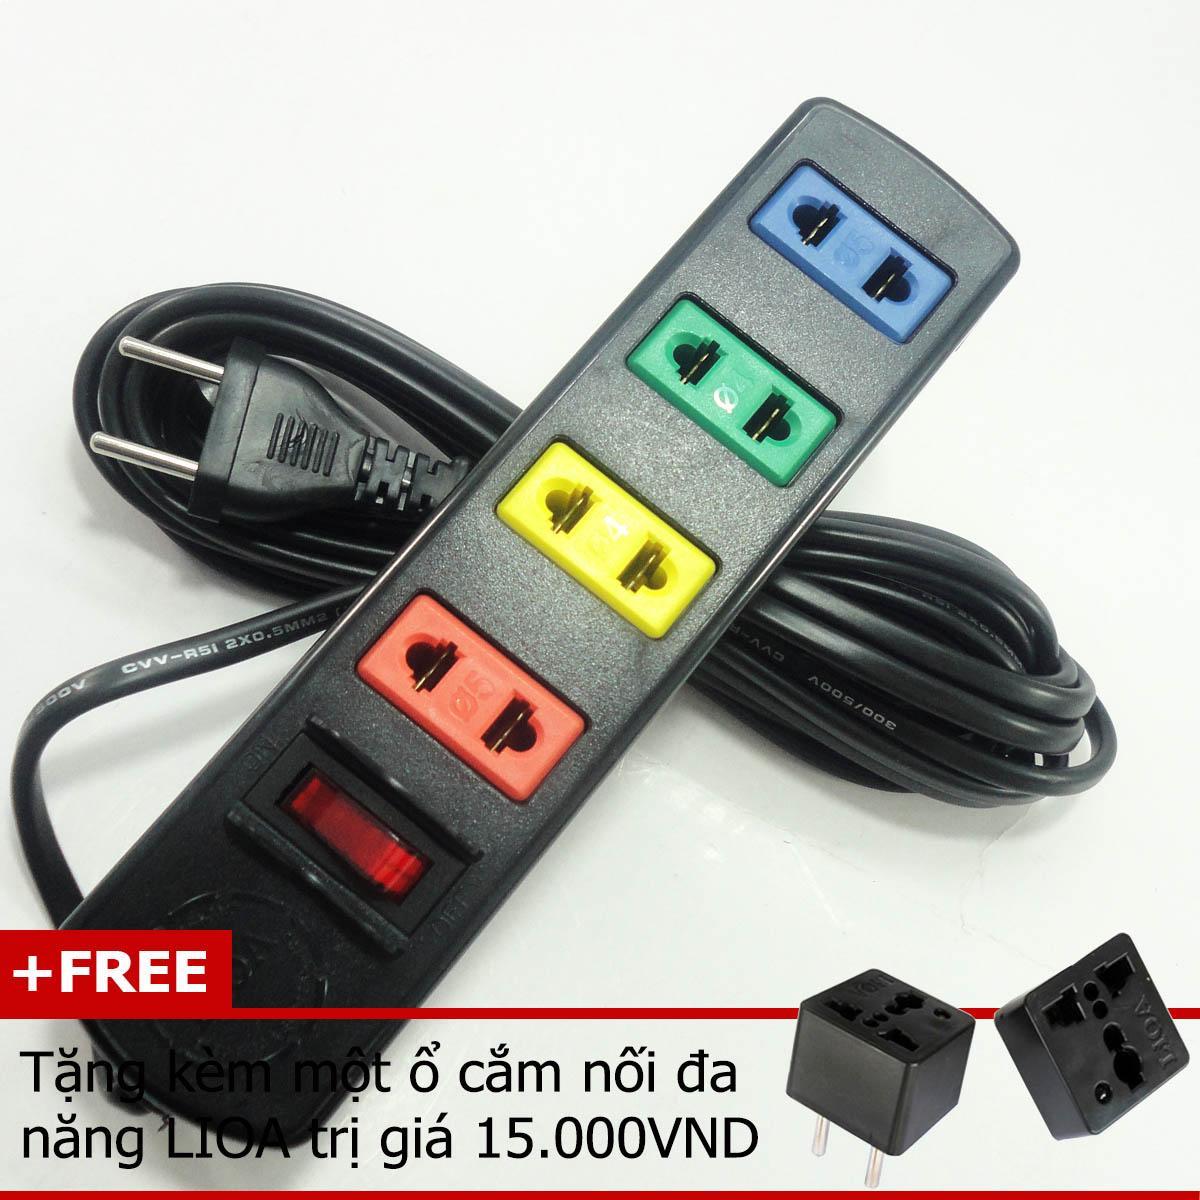 Ổ cắm điện LIOA công suất 1000w/6A 4TS3-2 (Tặng kèm một ổ cắm điện đa năng LIOA) giá rẻ